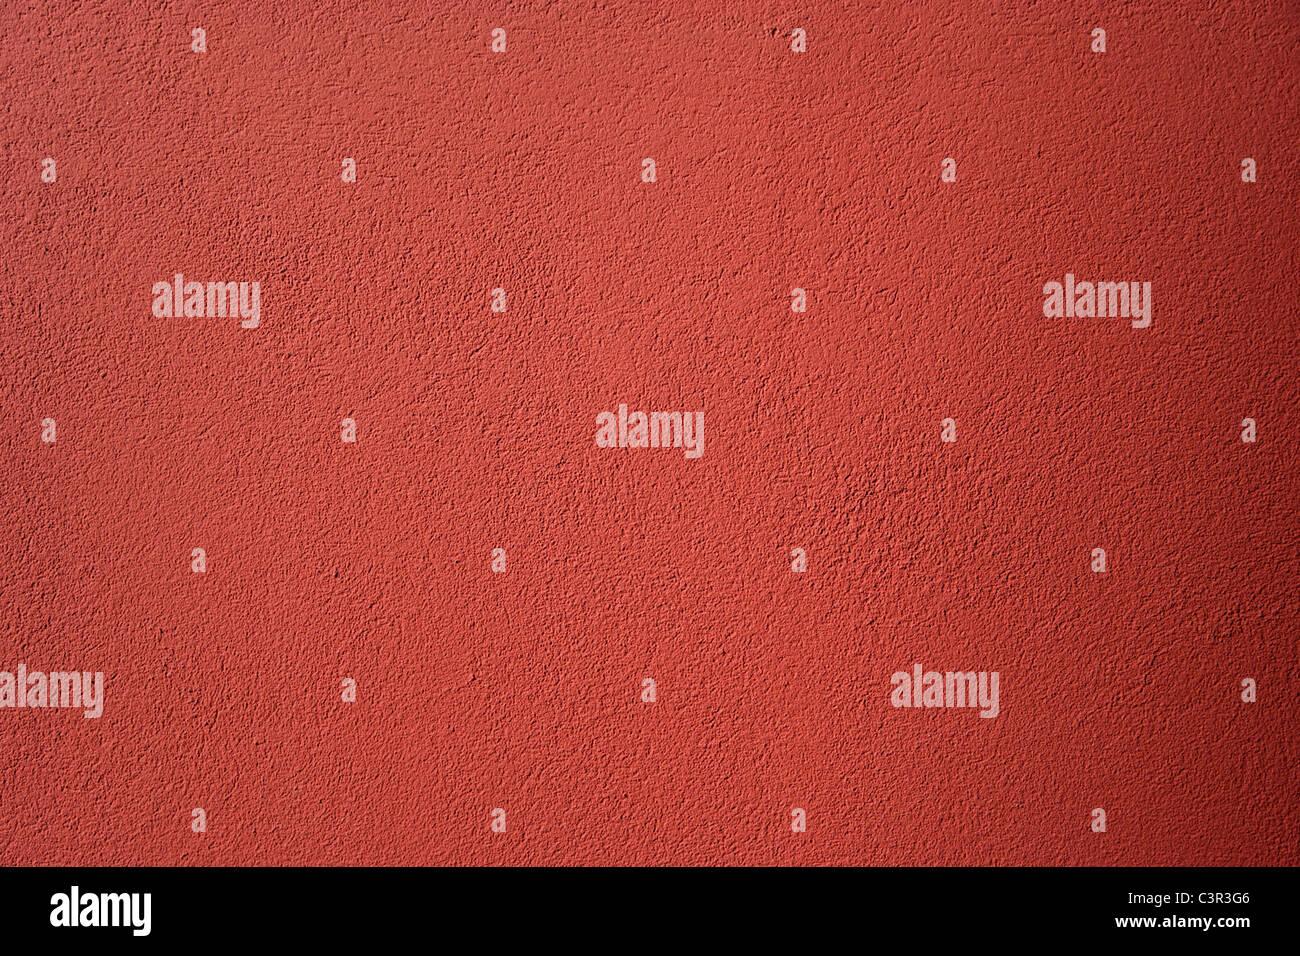 Allemagne, Munich, Close up de plâtre rugueux de chambre peinte en rouge Photo Stock